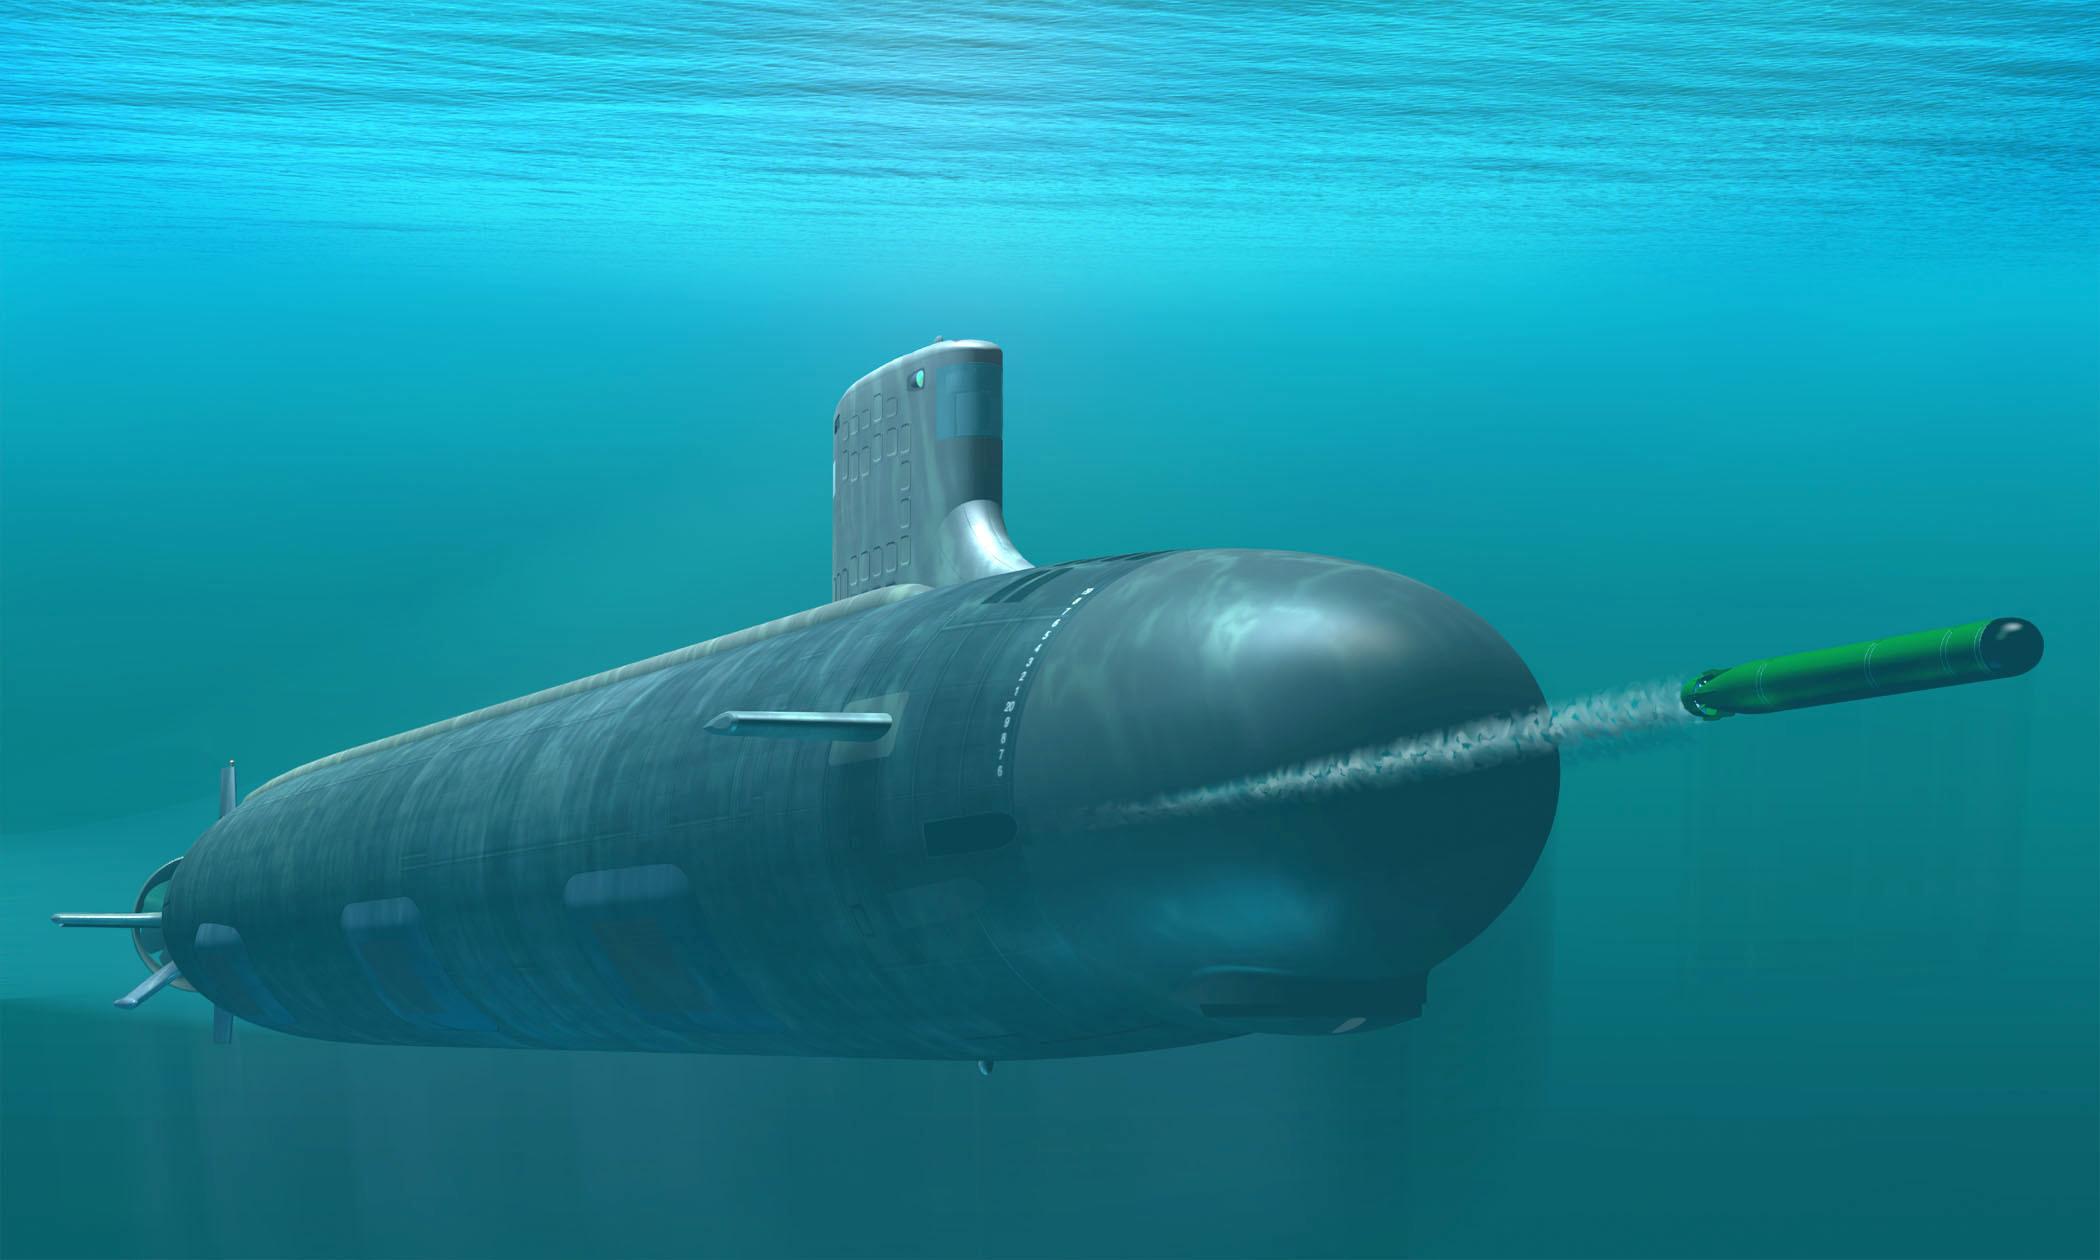 20328 скачать обои Транспорт, Корабли, Море, Оружие - заставки и картинки бесплатно